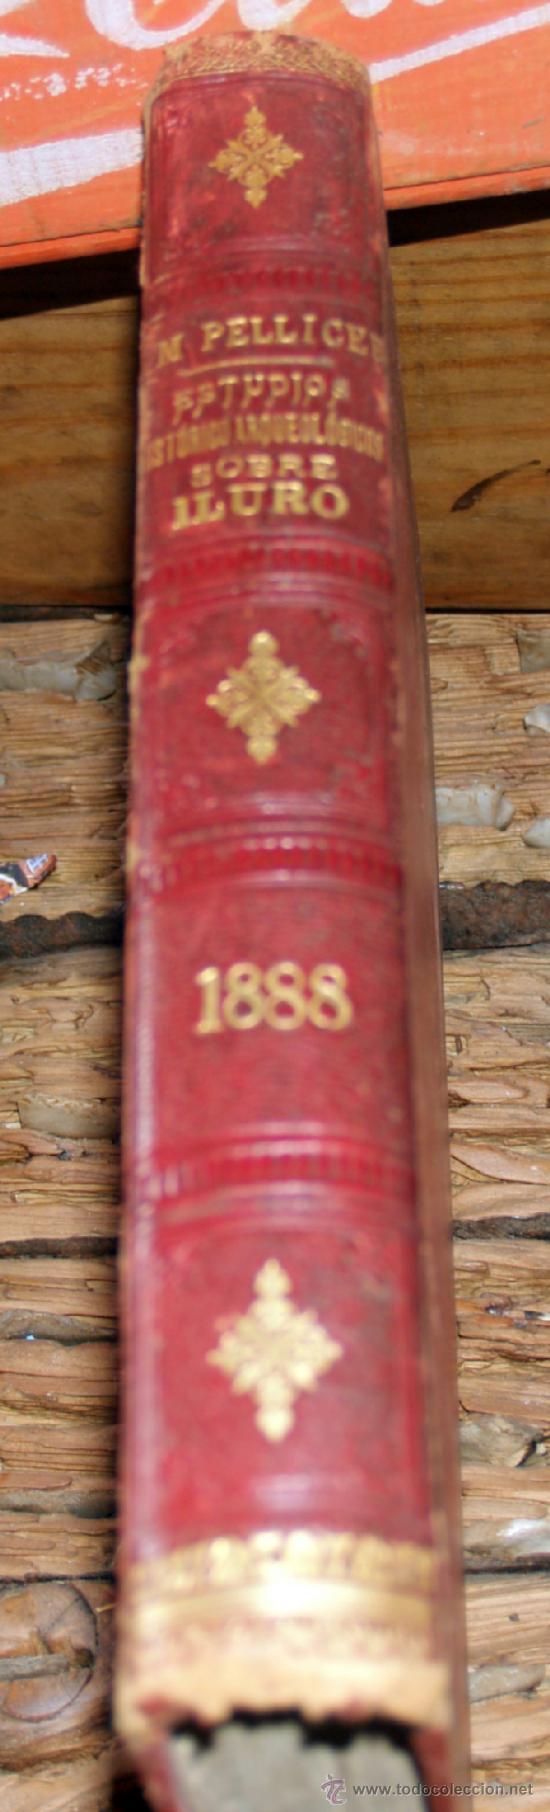 Libros antiguos: estudios historico-arqueologicos sobre iluro, 1888, media piel, mirar fortos - Foto 5 - 36664951